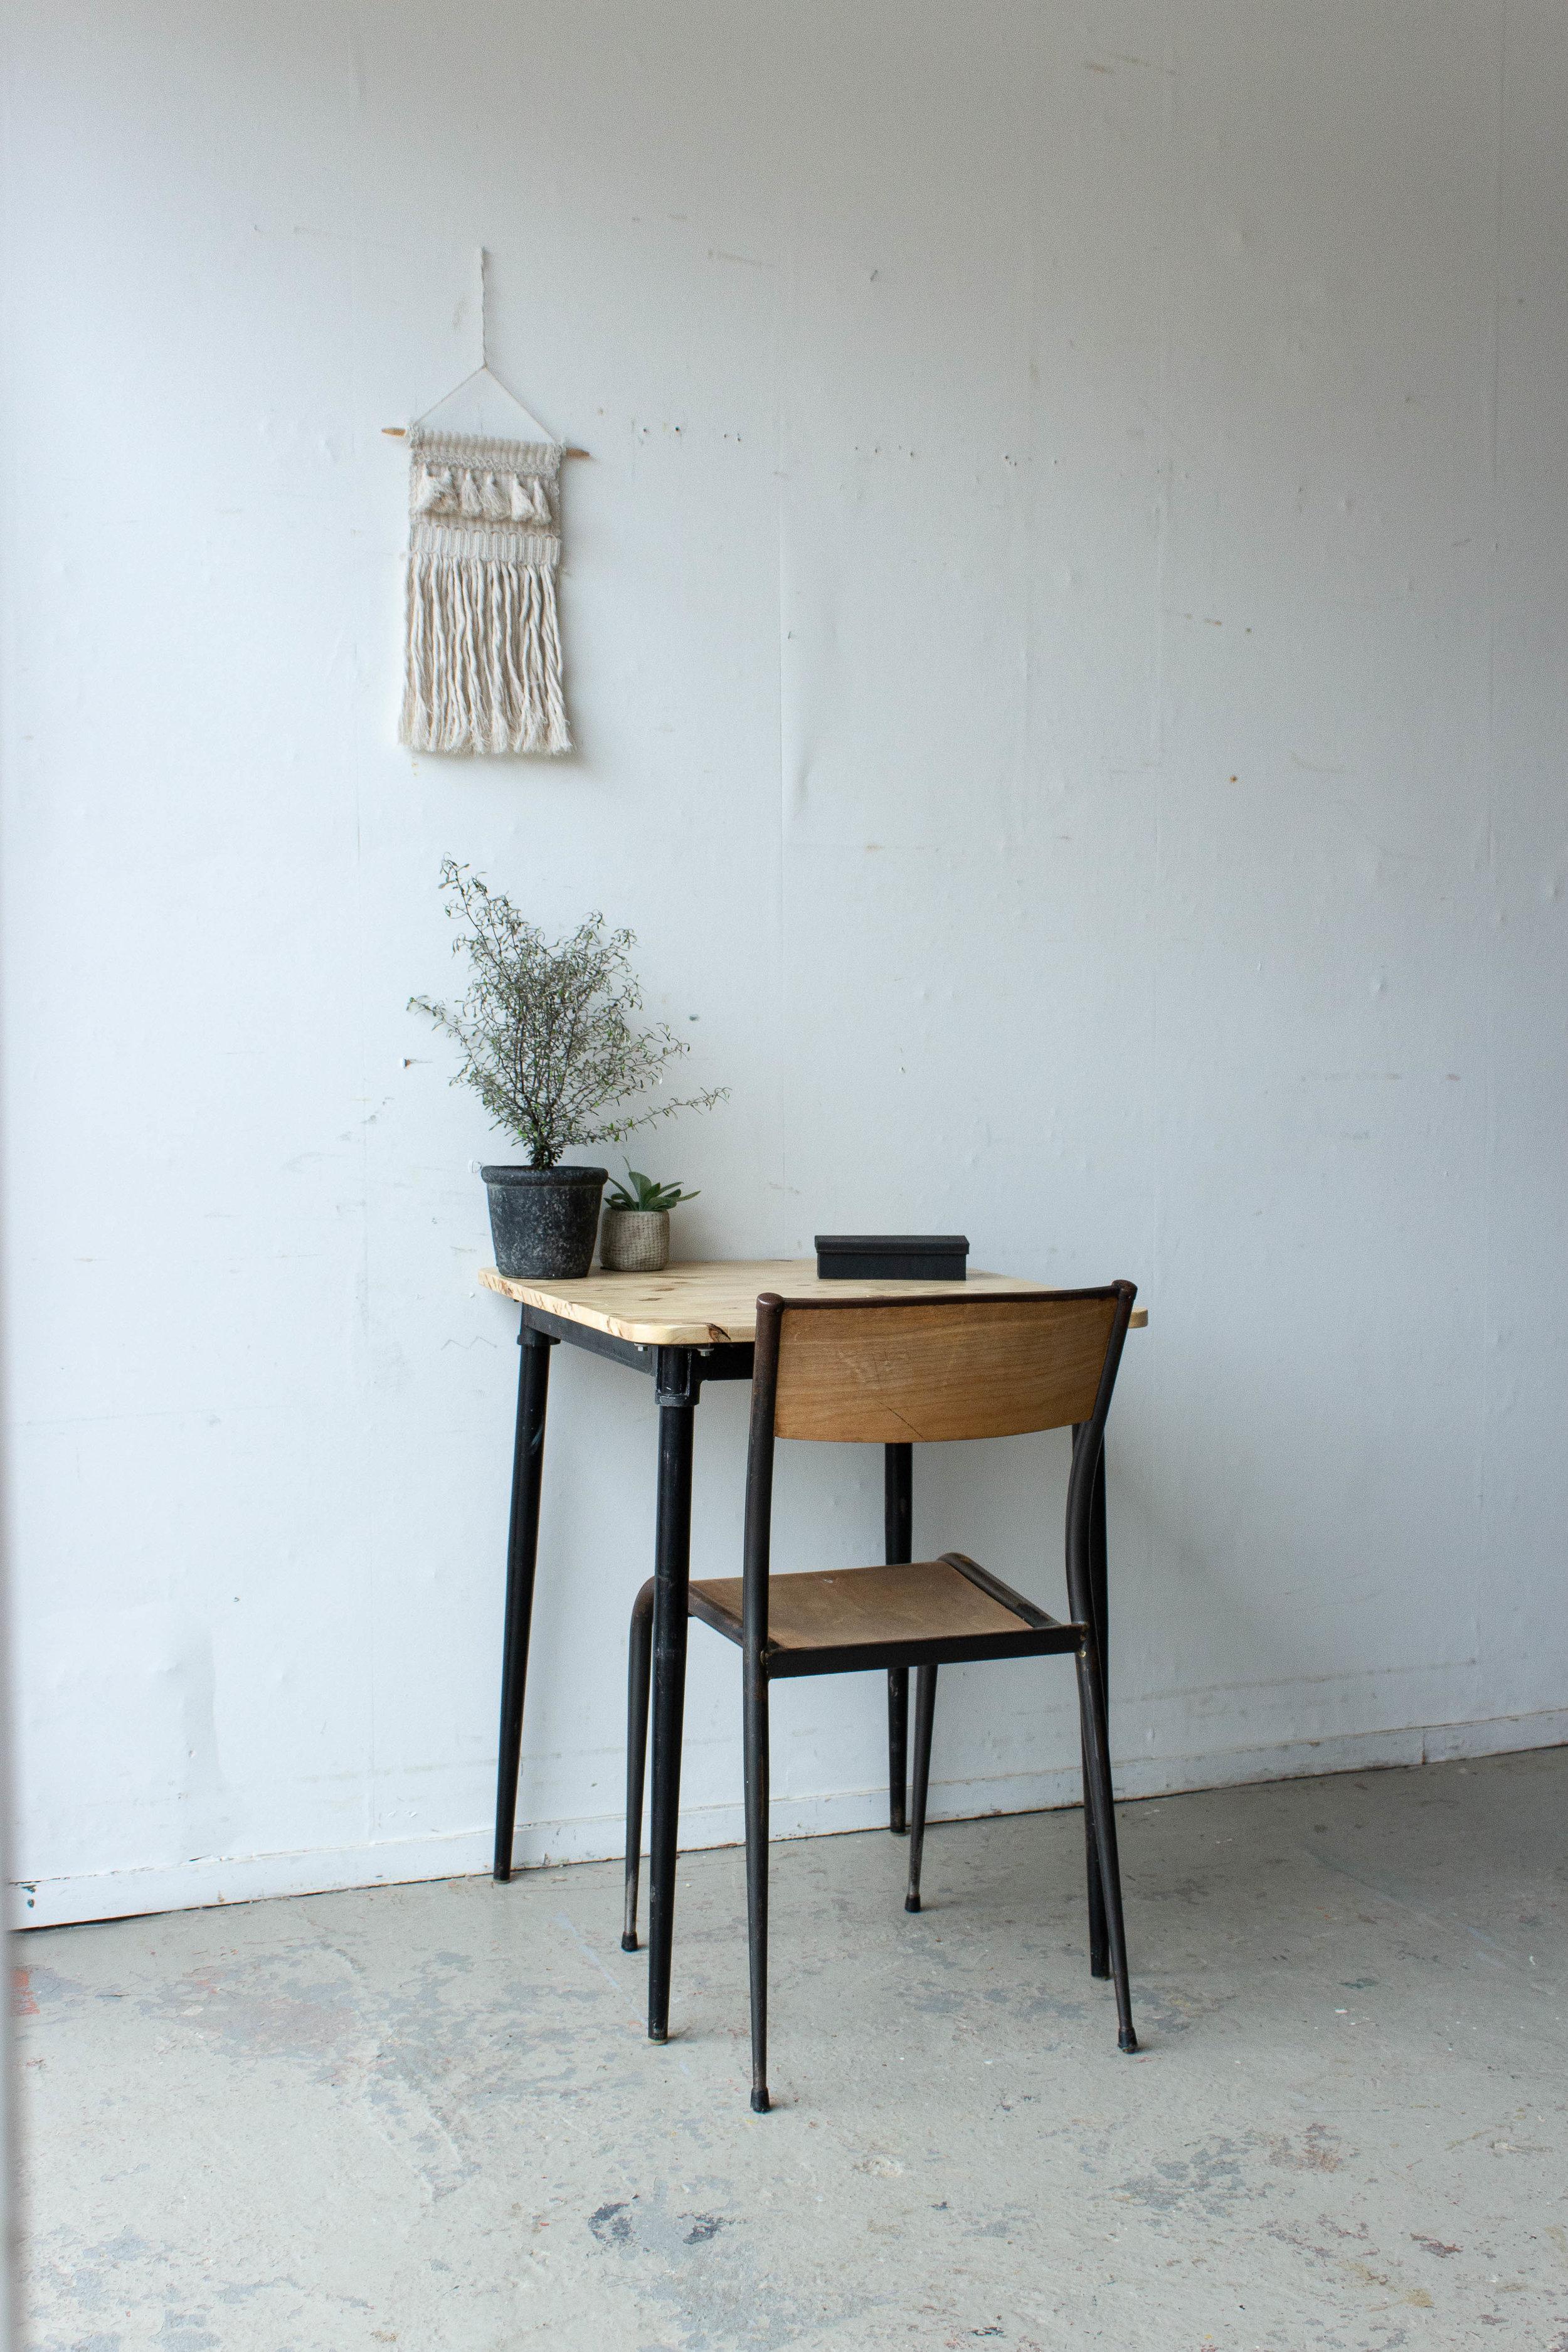 3189 - Eenpersoons schooltafel met zwarte puntpootjes-4.jpg